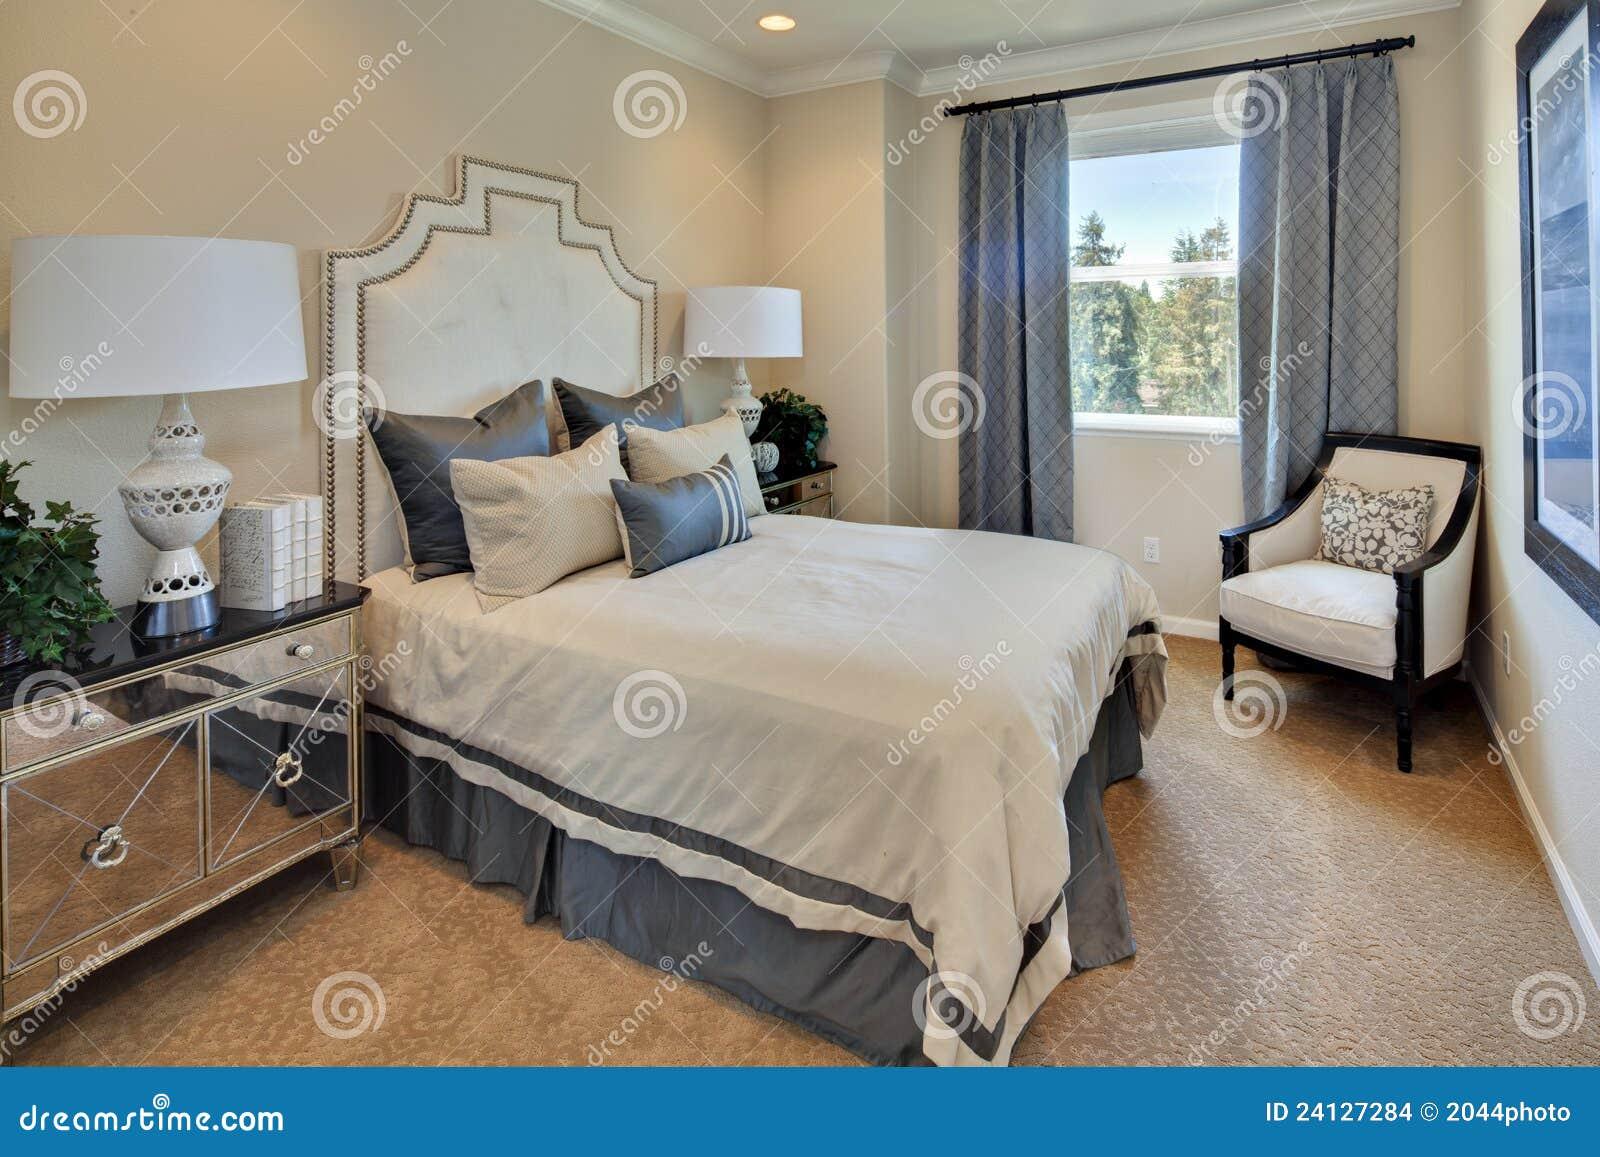 Chambre coucher principale de maison mod le images stock for Les modeles de chambre a coucher